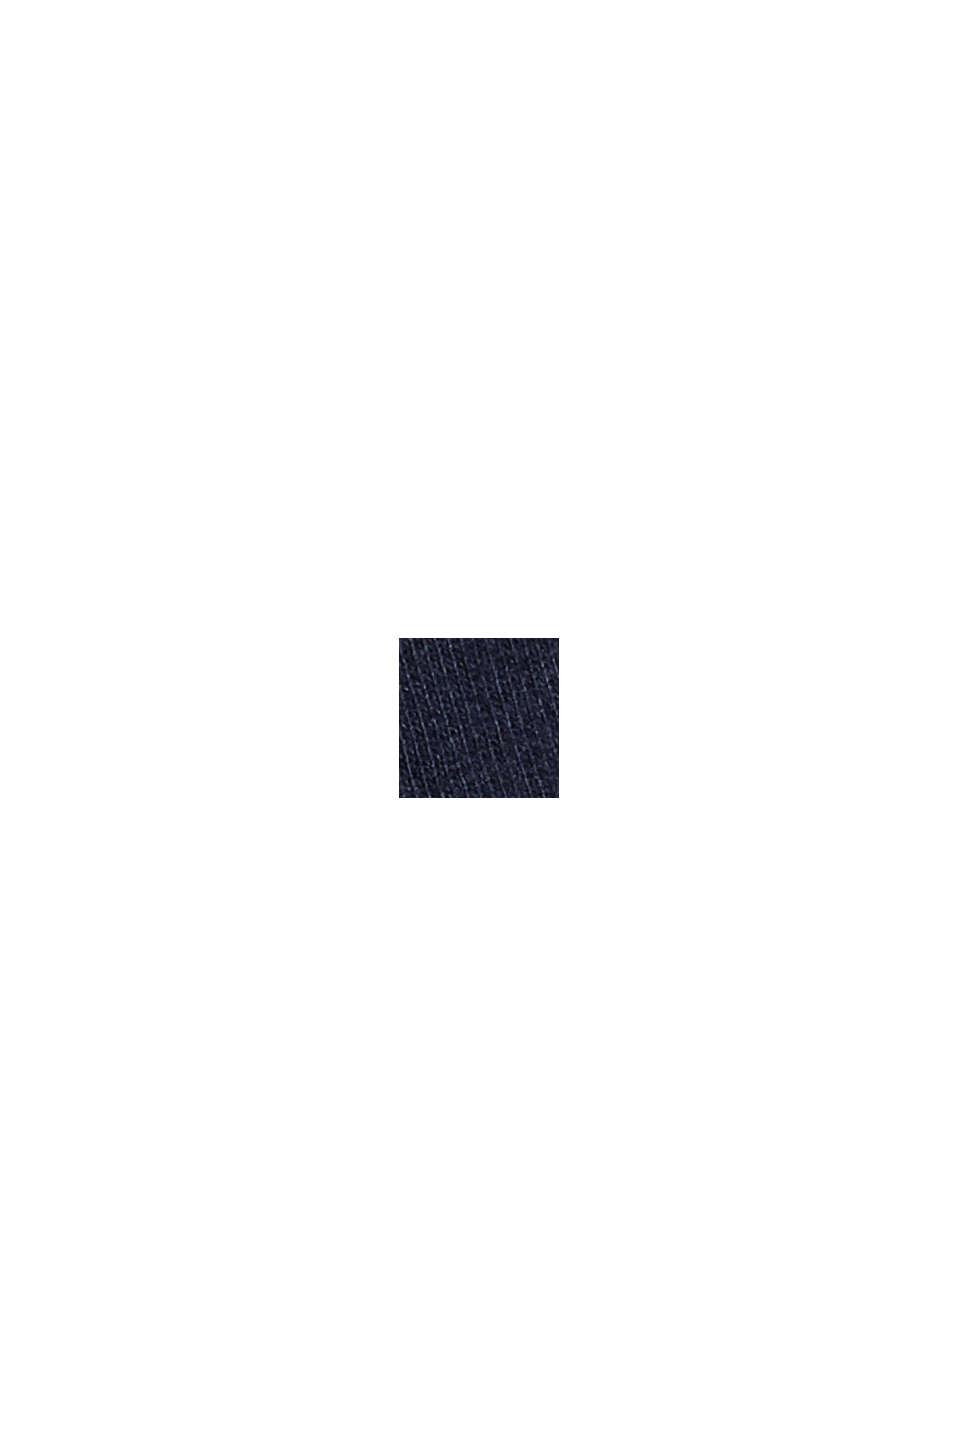 Pyjama-Oberteil aus 100% Bio-Baumwolle, NAVY, swatch